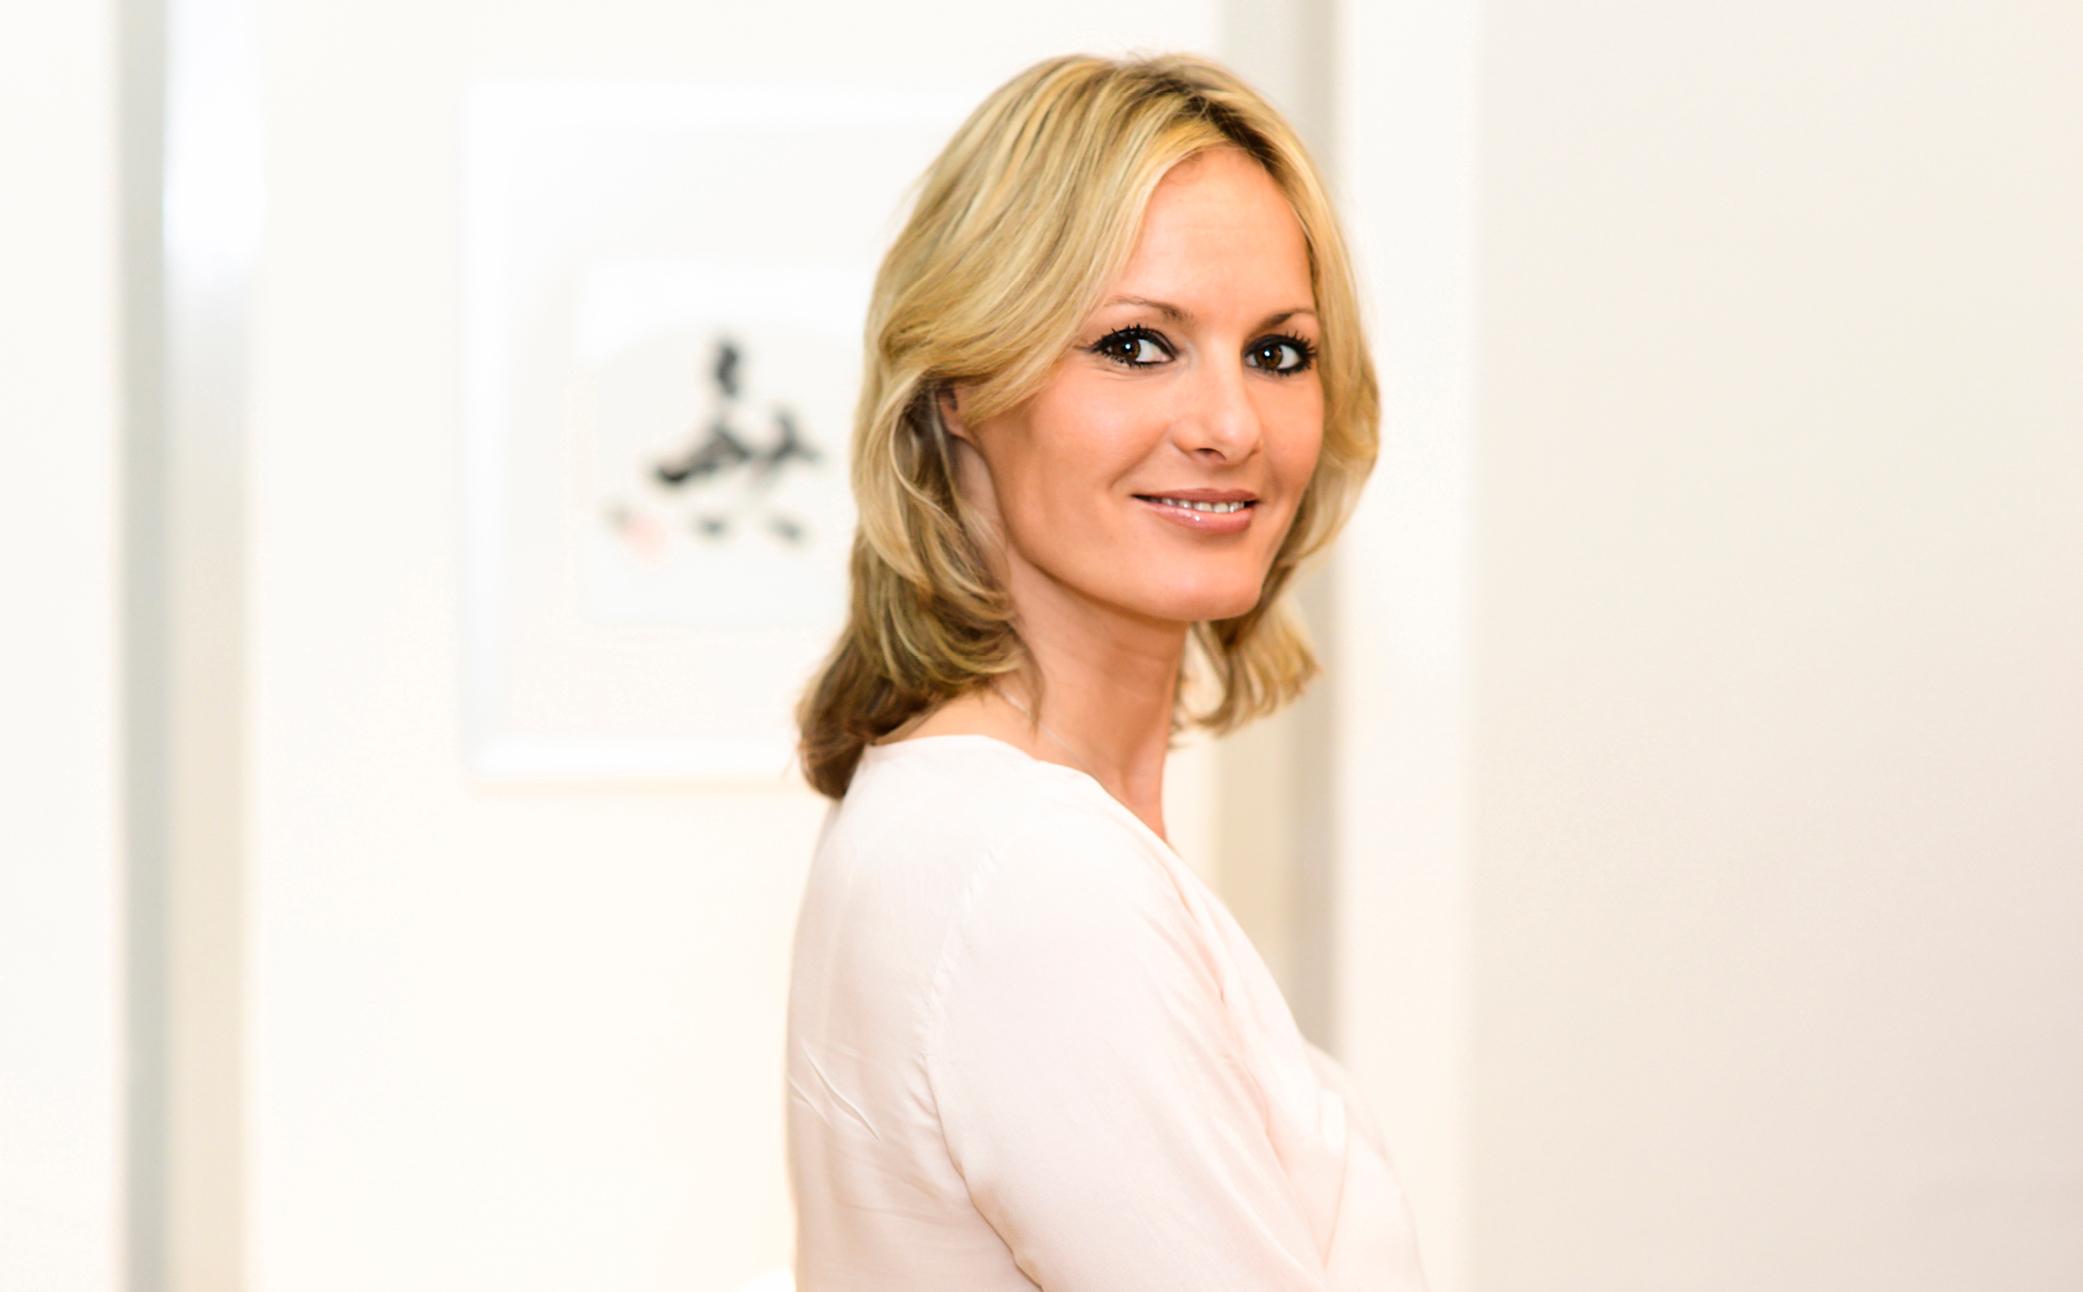 Hier sehen Sie eine erfolgreiche lächelnde Frau - Business Portraits - Business Branding FotografieBerlin